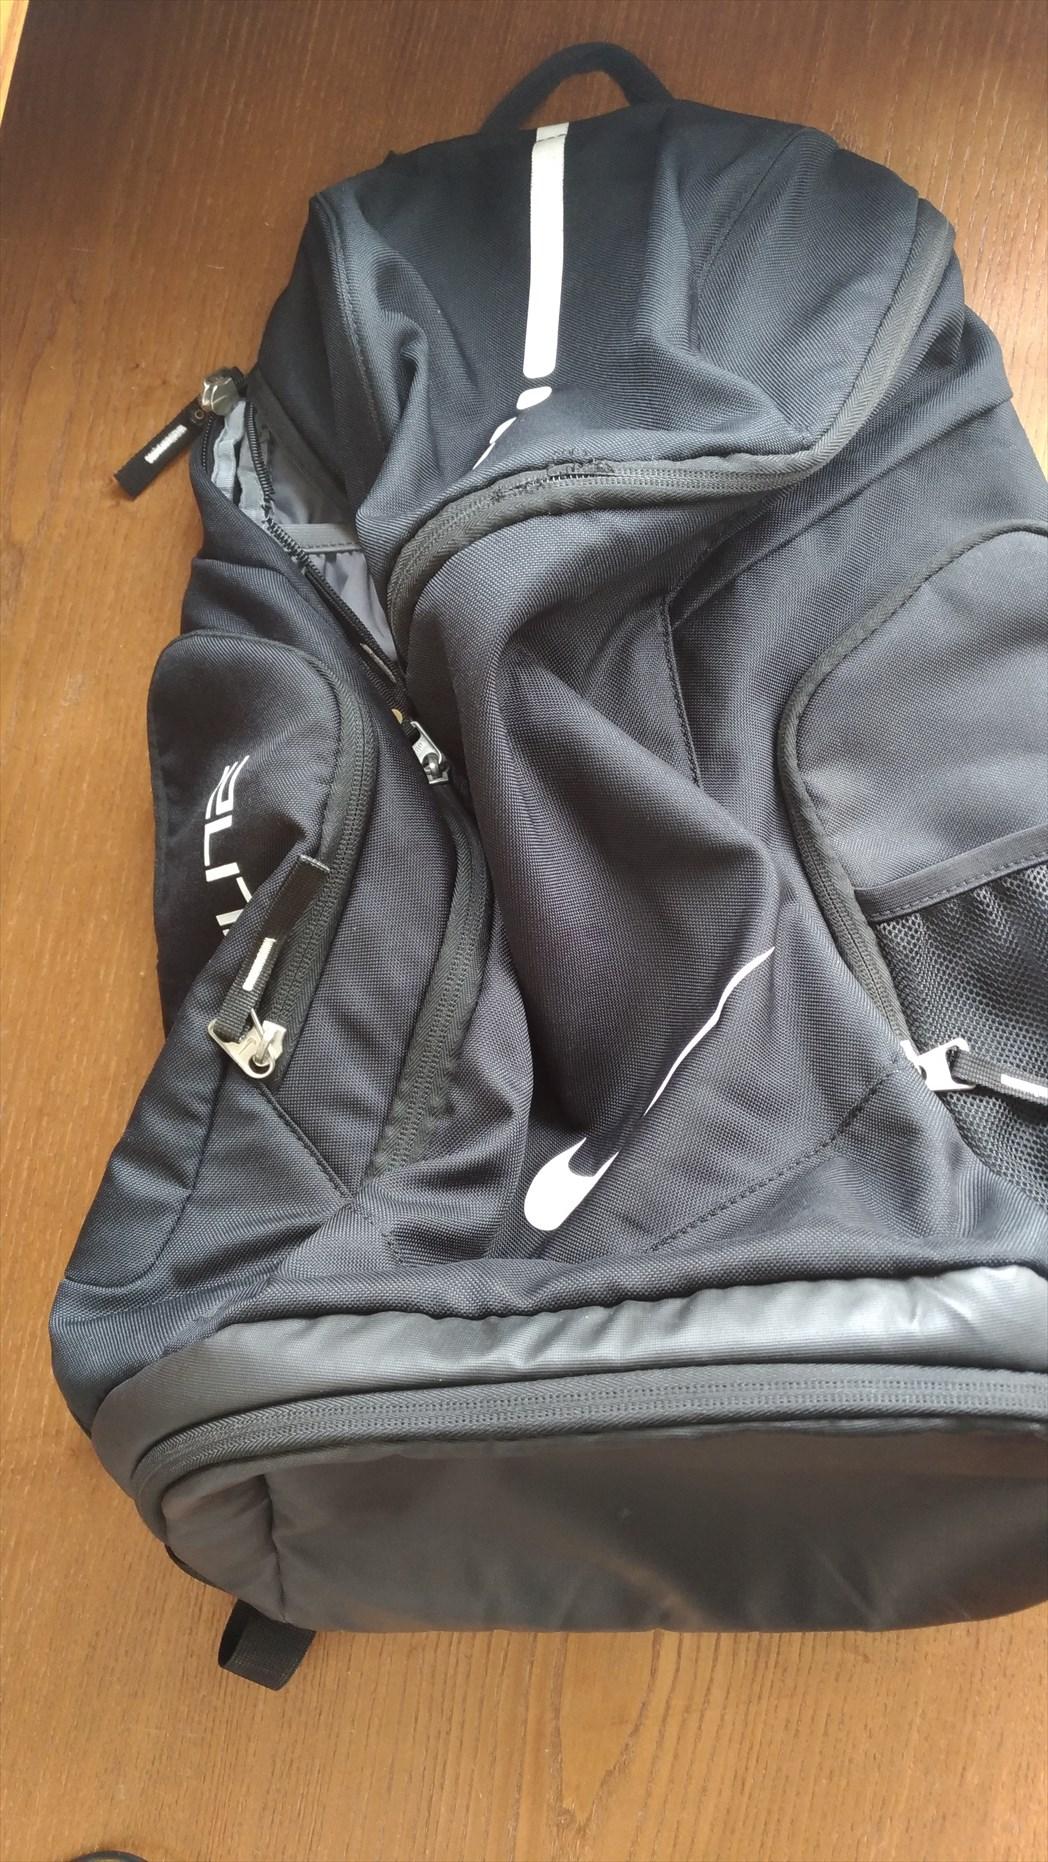 ナイキのバッグ